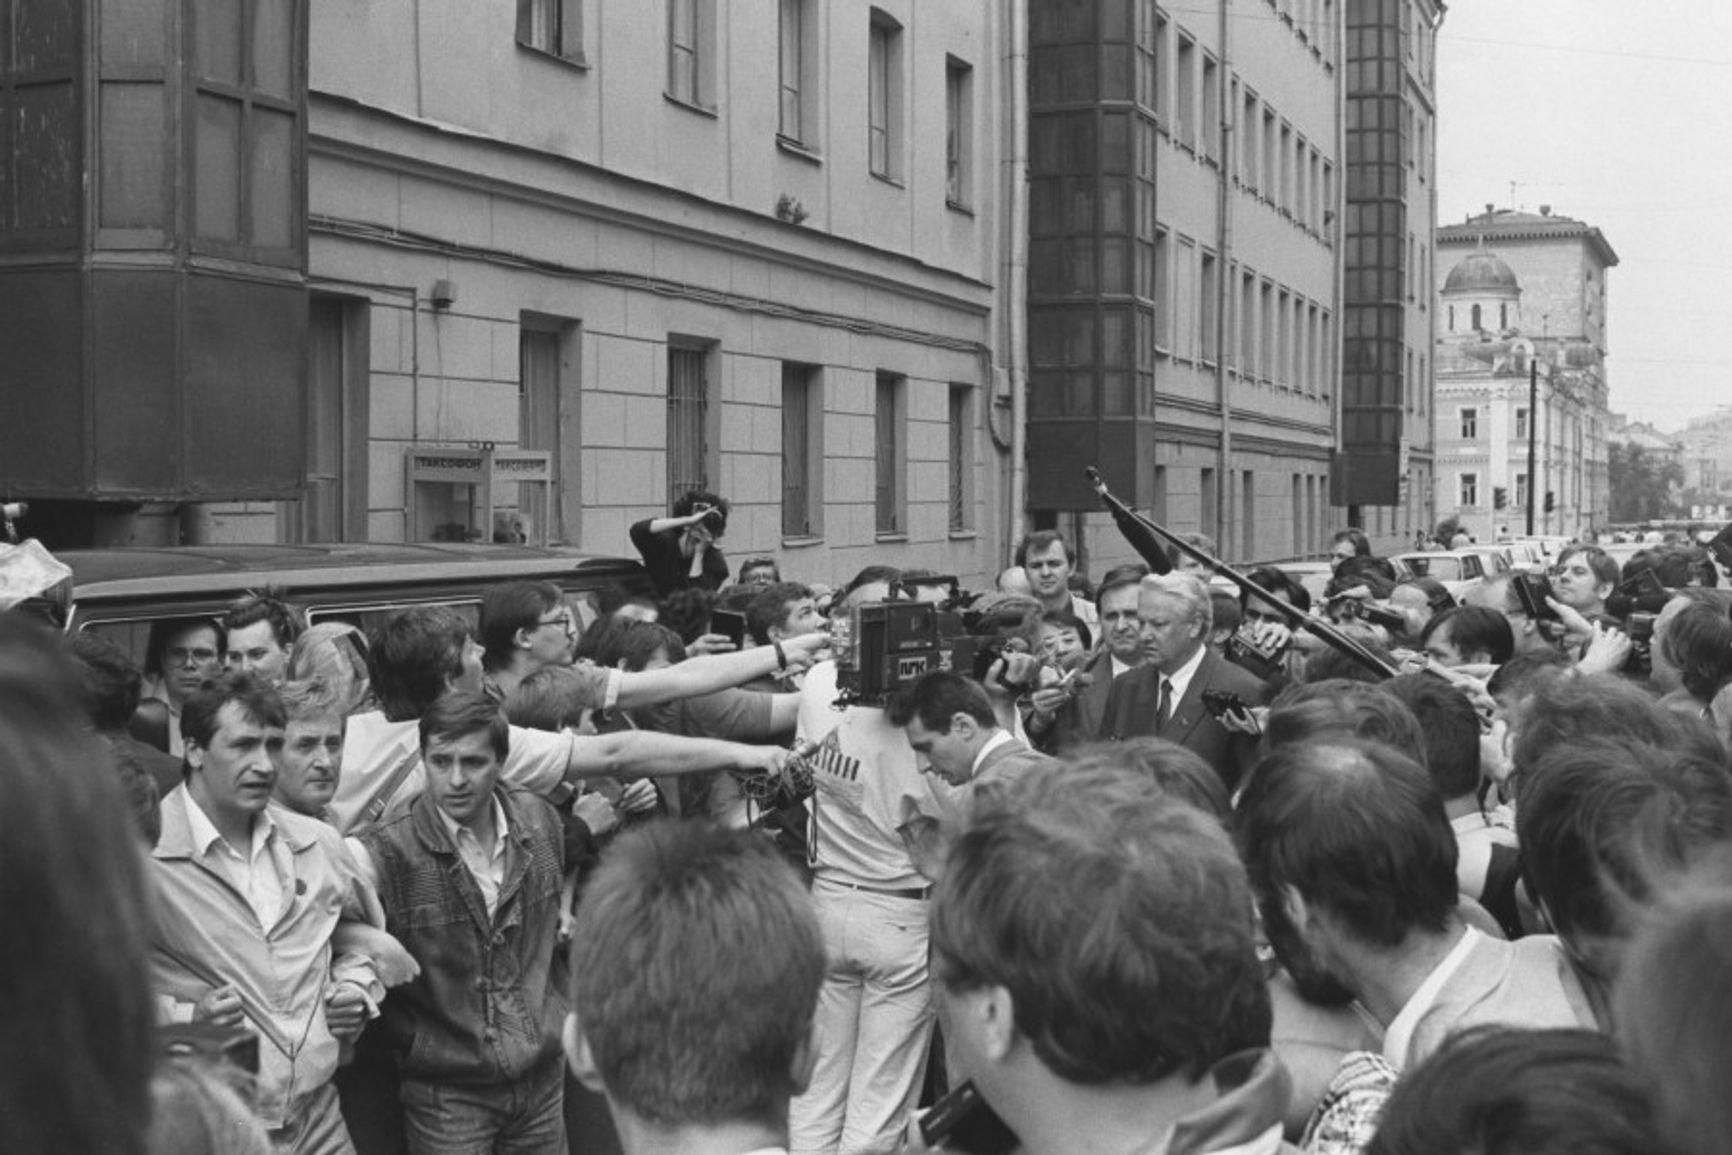 Борис Ельцин направляется на избирательный участок. Москва. 12 июня 1991 года.Фото из личного архива Б.Н.Ельцина